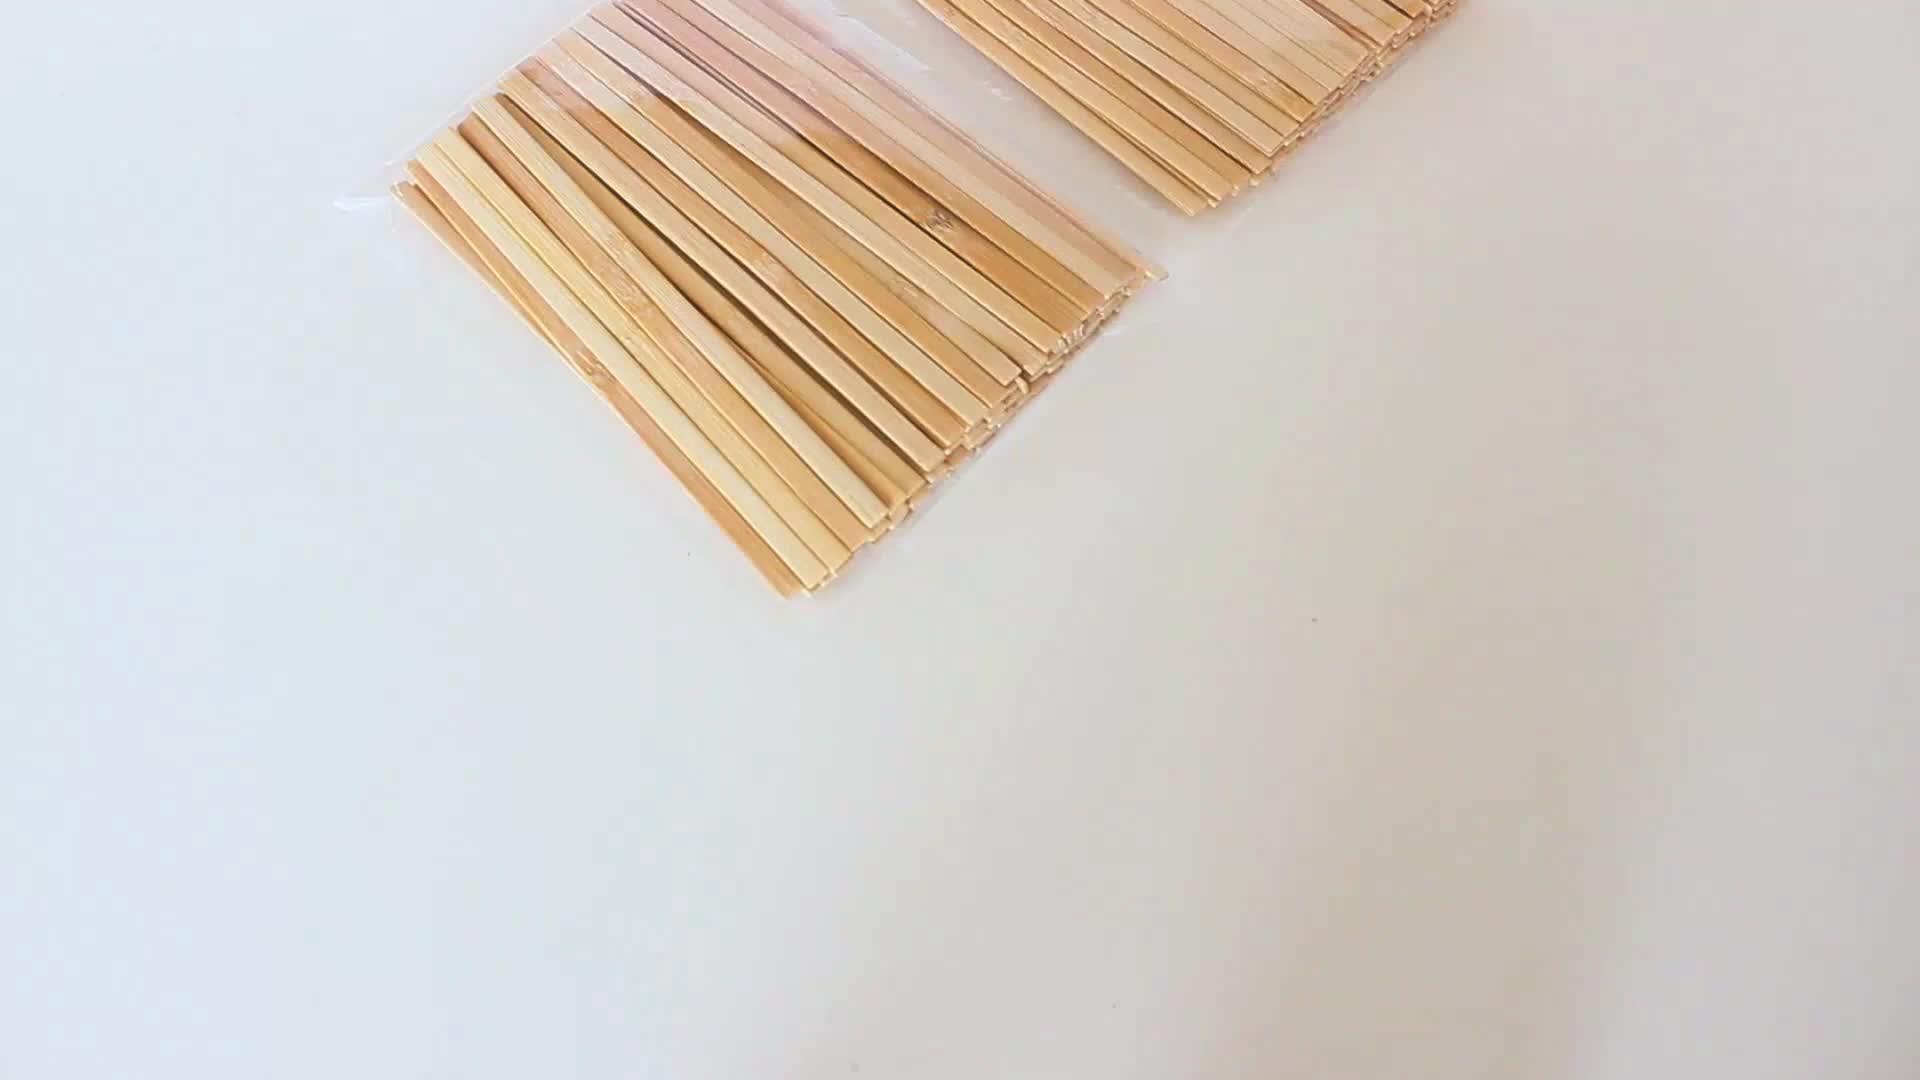 Bere Polvere Stir Stick Può Abitudine Di Bambù tazza di Caffè Tè Stir Stick Con Piccolo Cucchiaio Cerchio